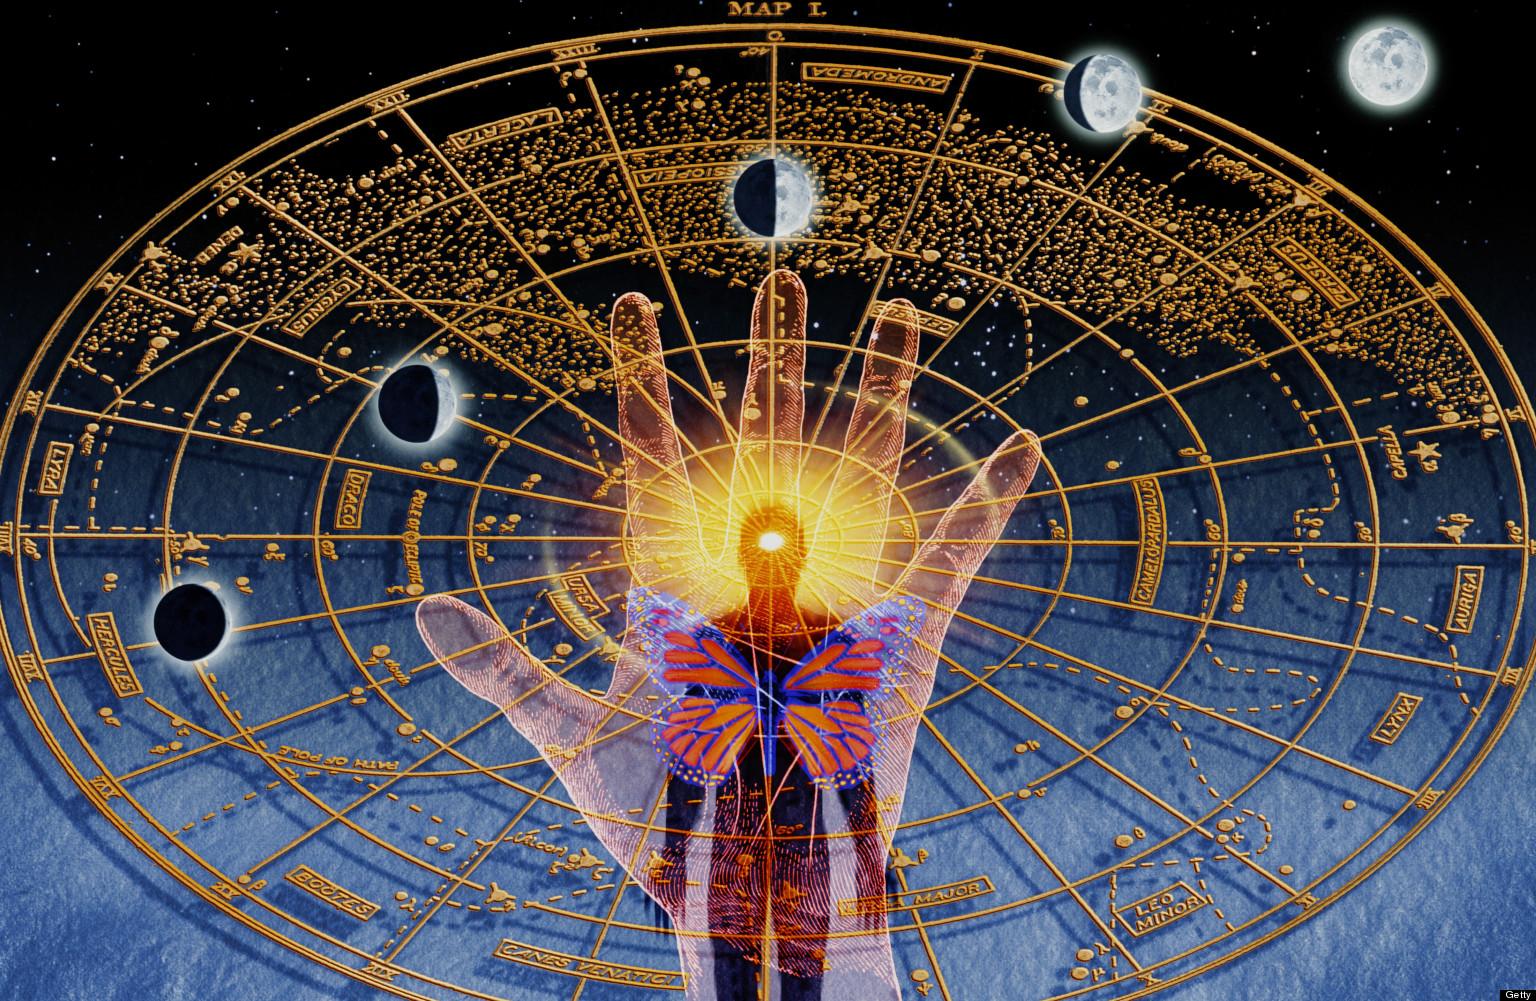 ¿Es posible viajar a universos paralelos a través de sueños?